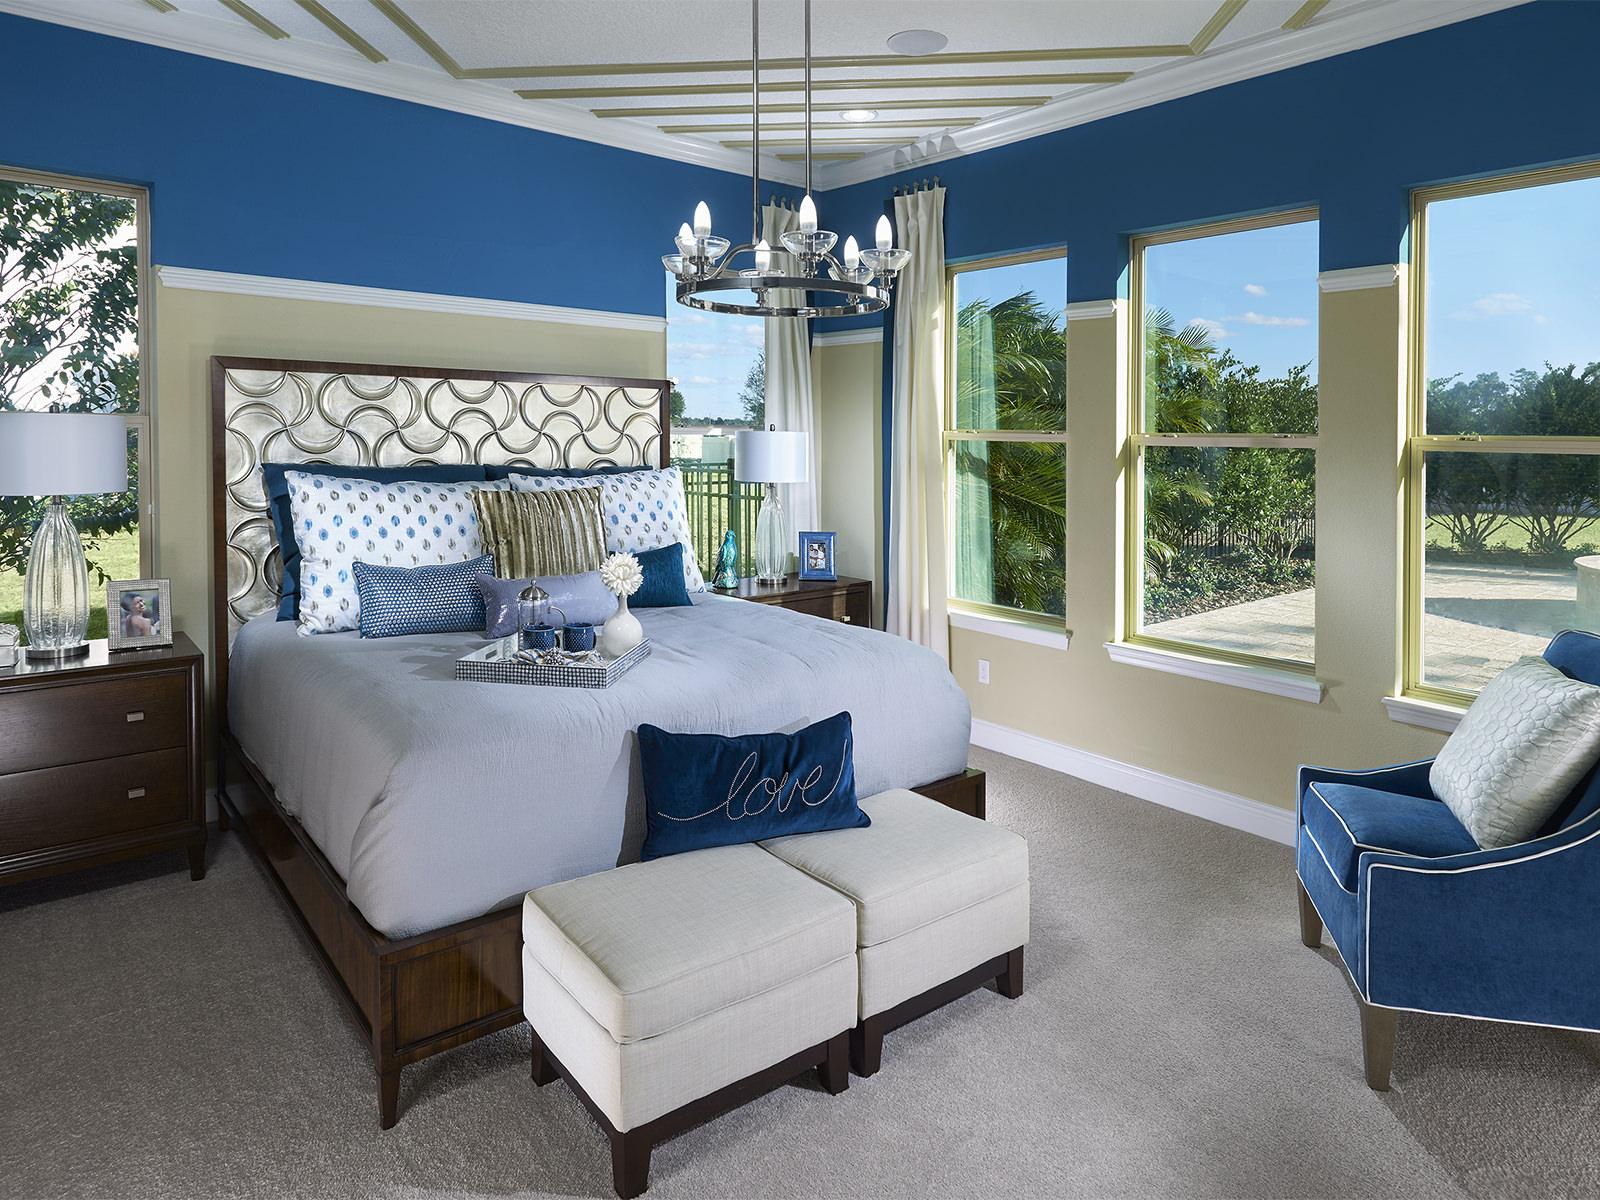 Comprar casa em Orlando - Lake Prese